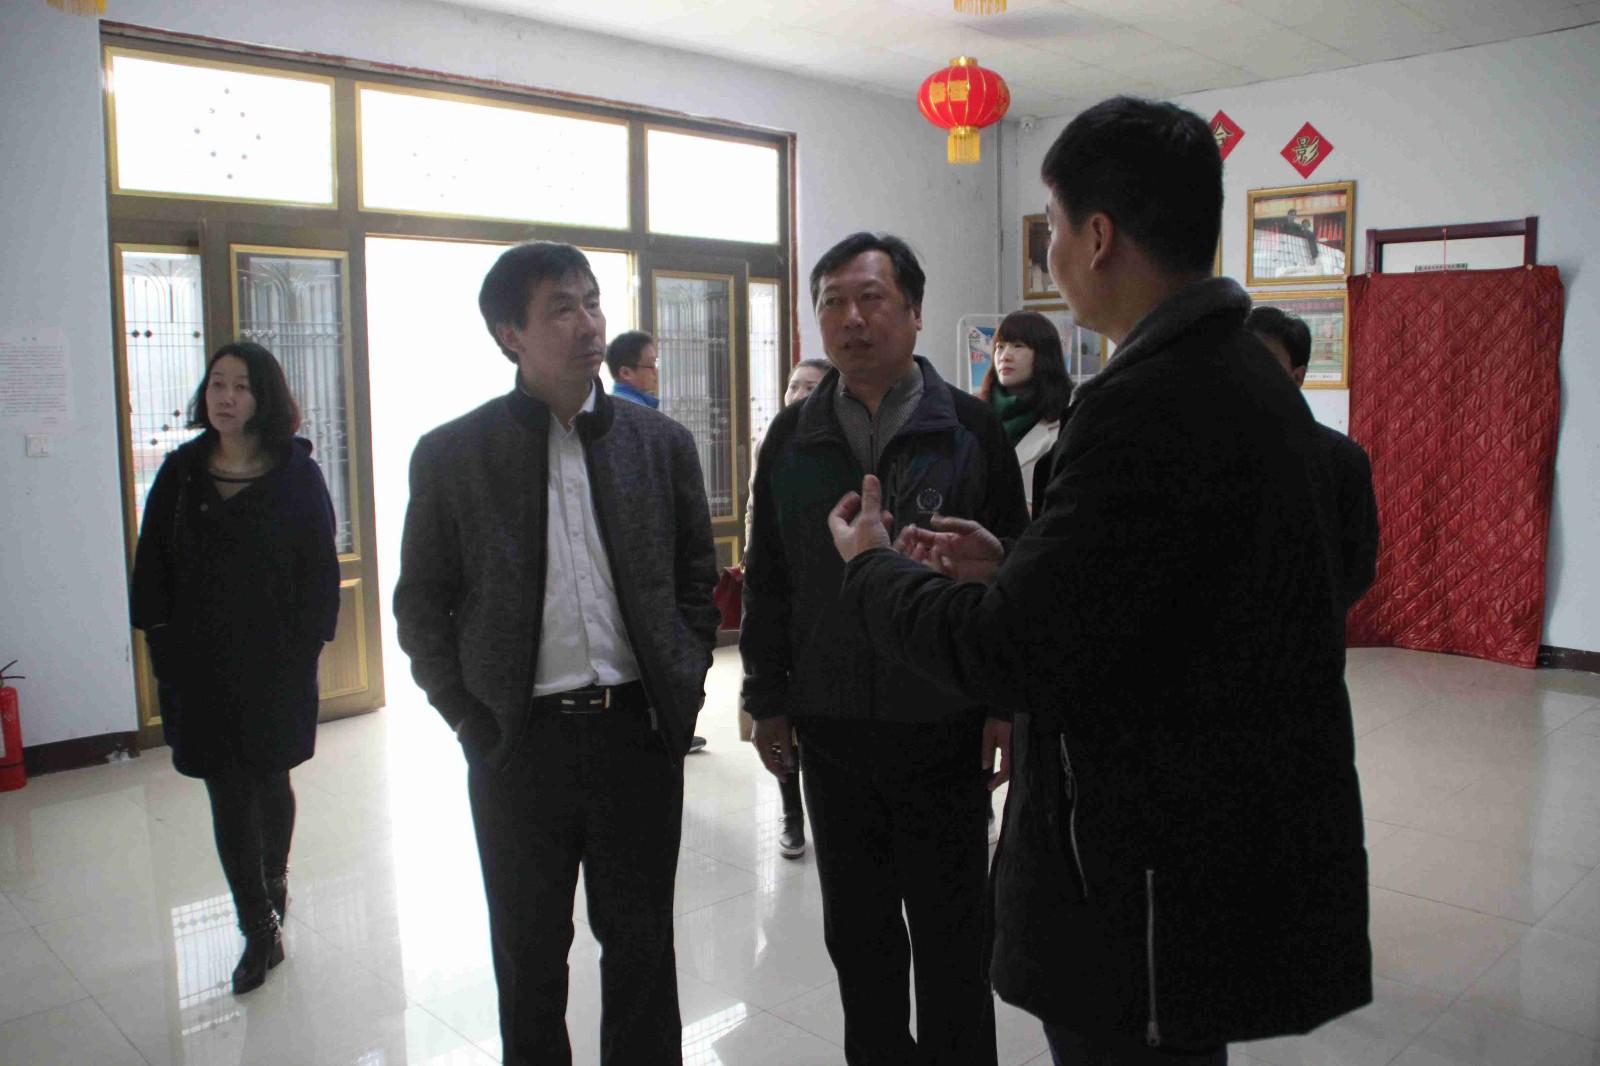 2017年3月30日邯山区教育局郭风江科长等领导来我校进行全方面的工作指导|爱诺动态-爱诺自闭症康复培训学校